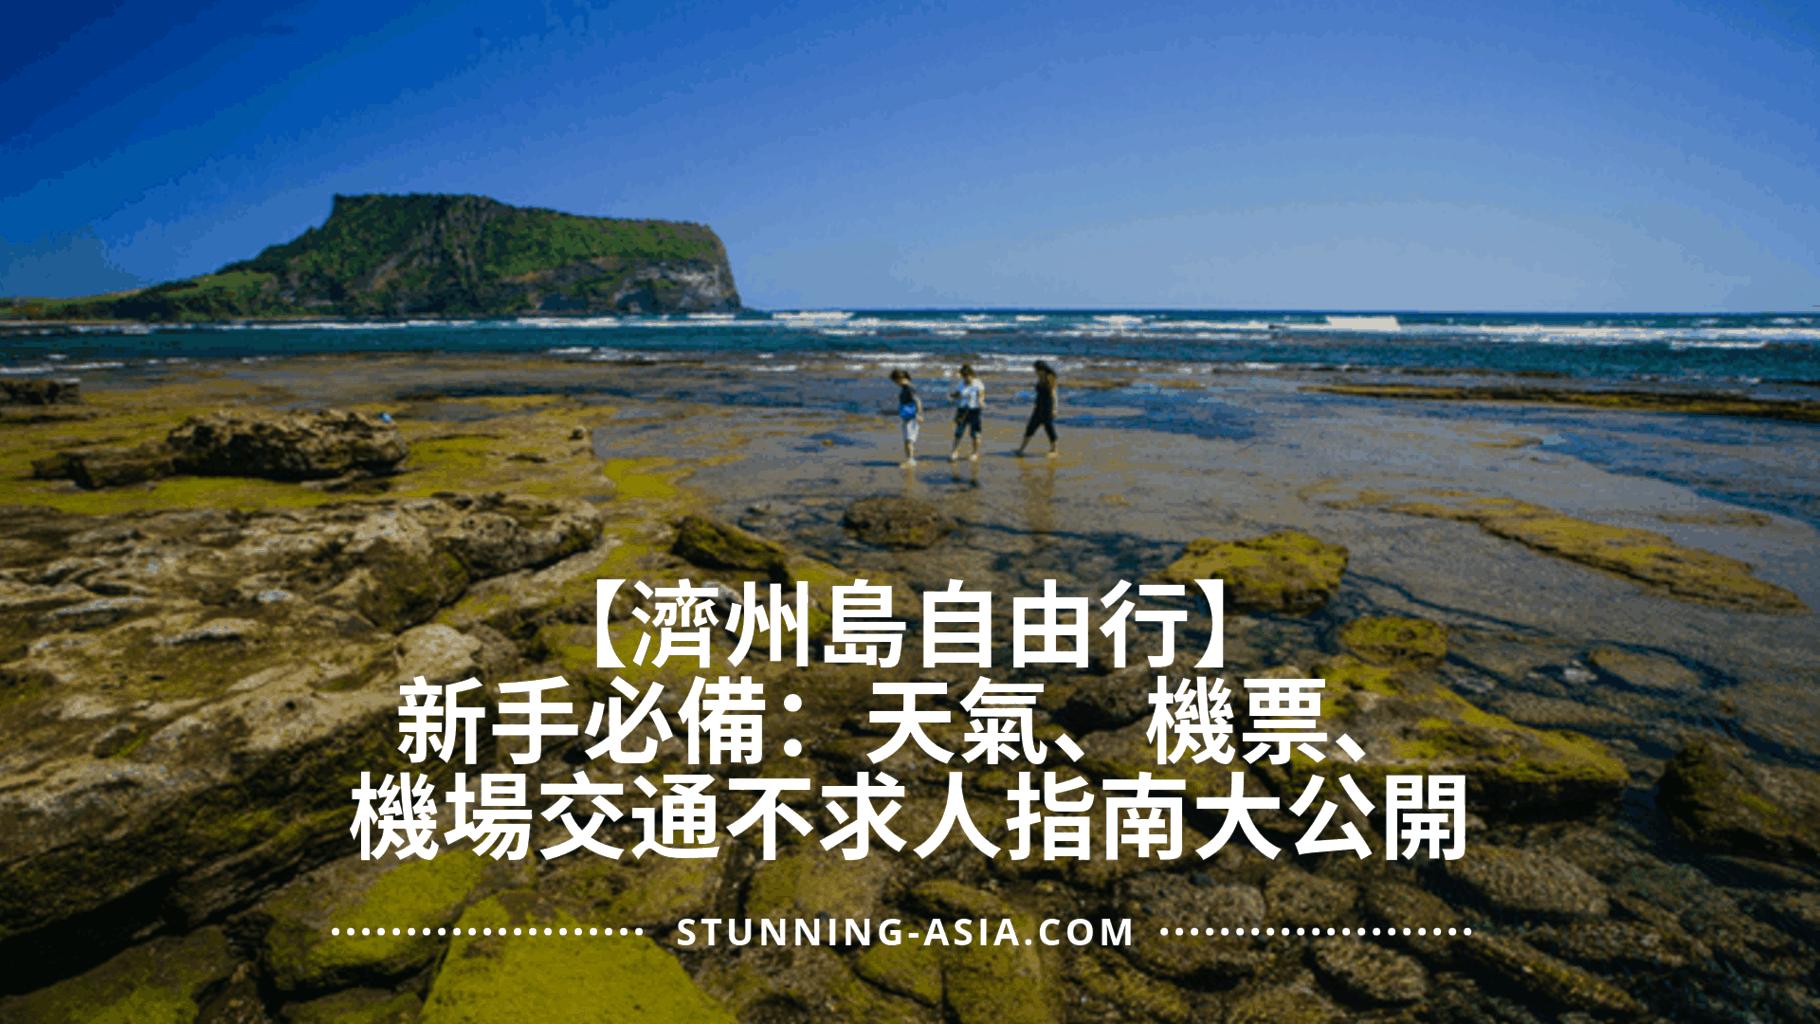 【濟州島自由行】新手必備!濟州島天氣、機票、機場交通不求人指南大公開!